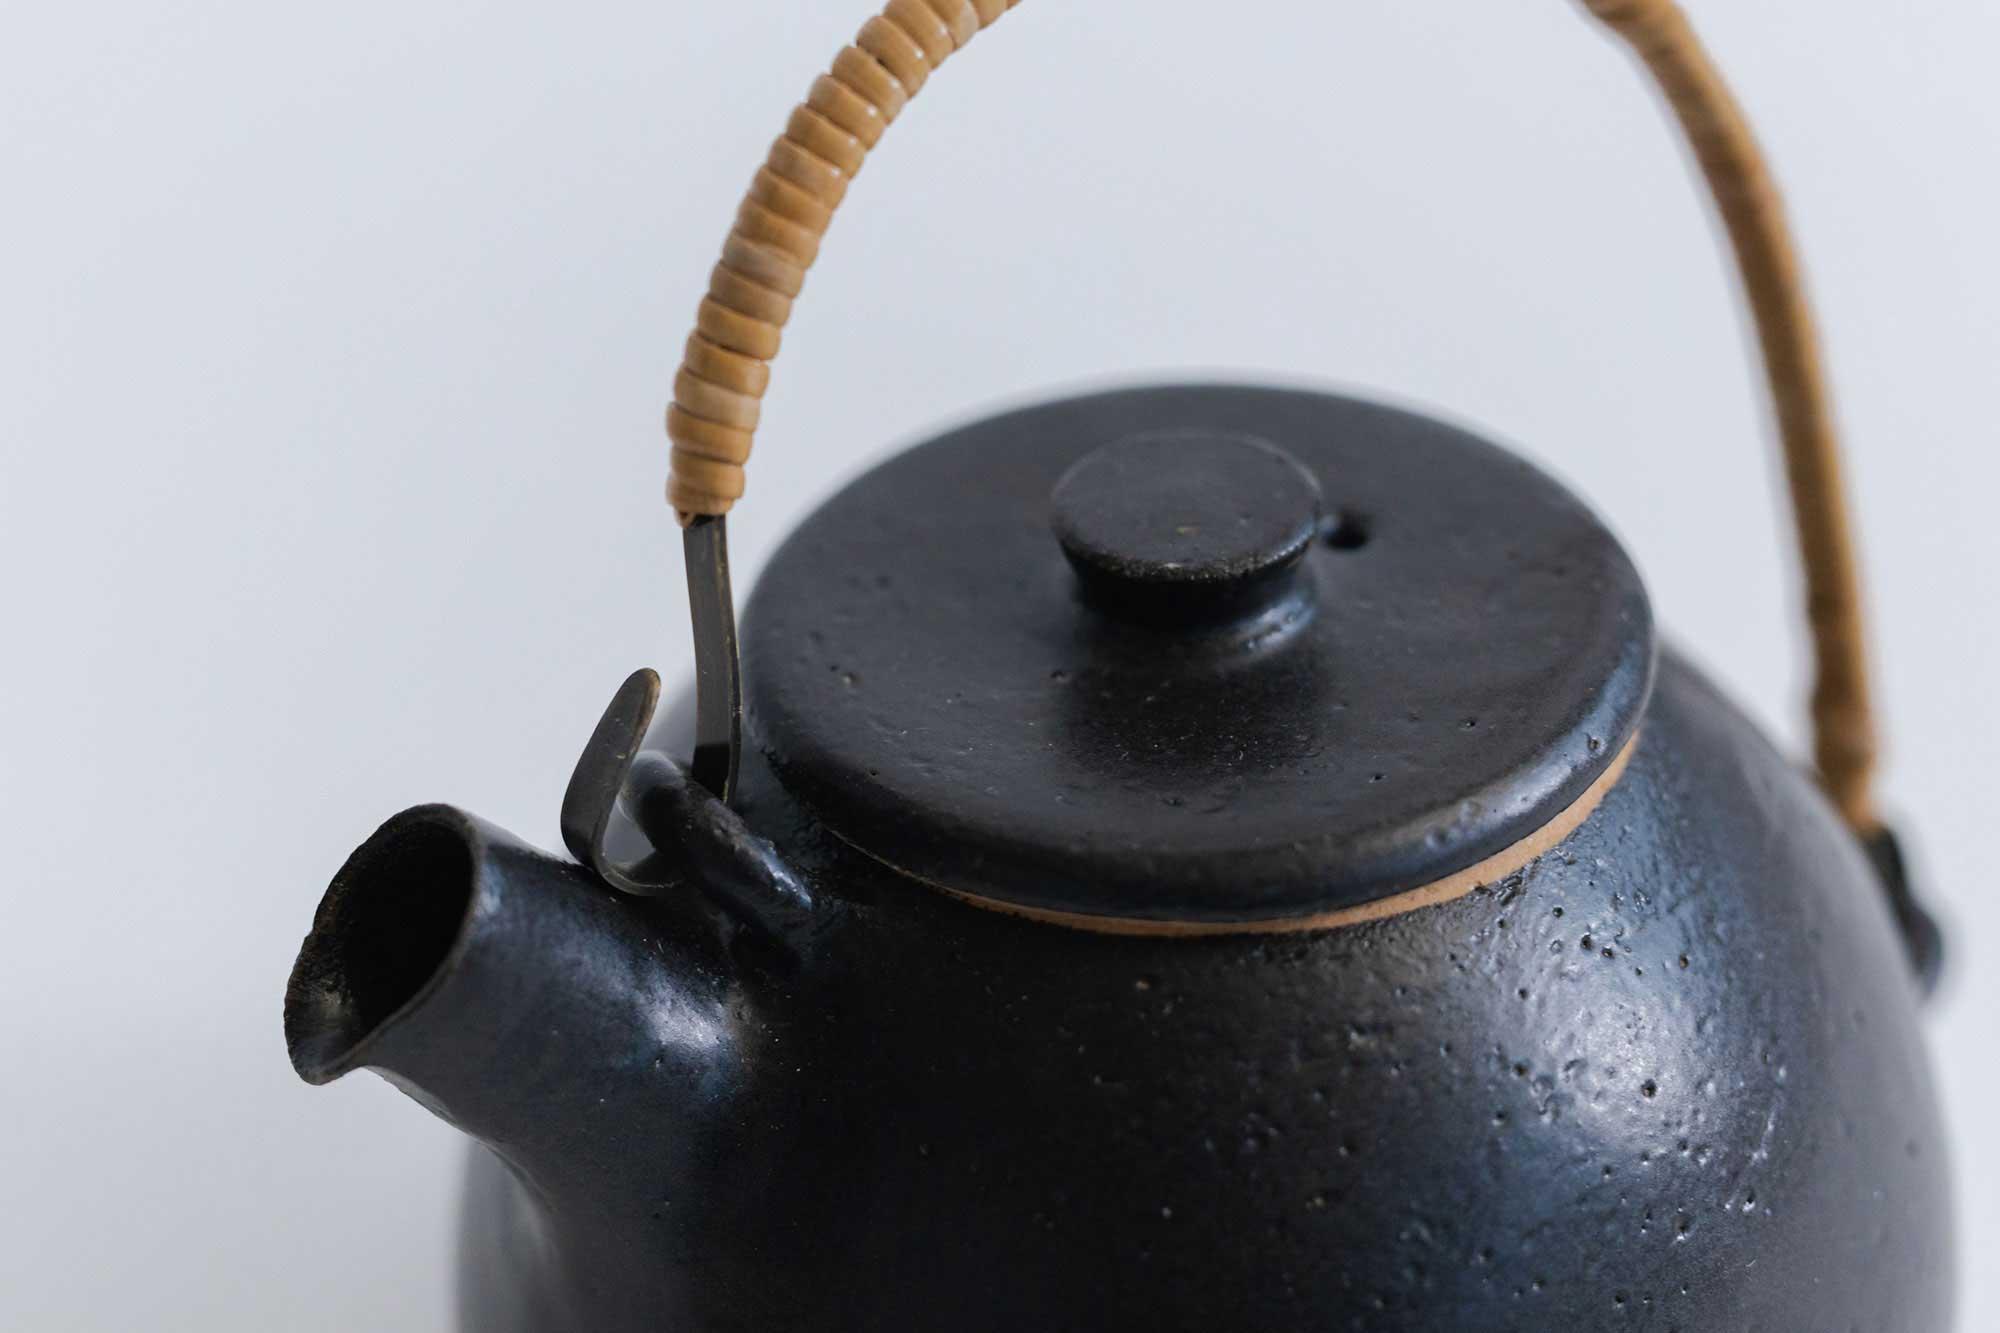 CANASA 土瓶 黒 蓋つまみあり